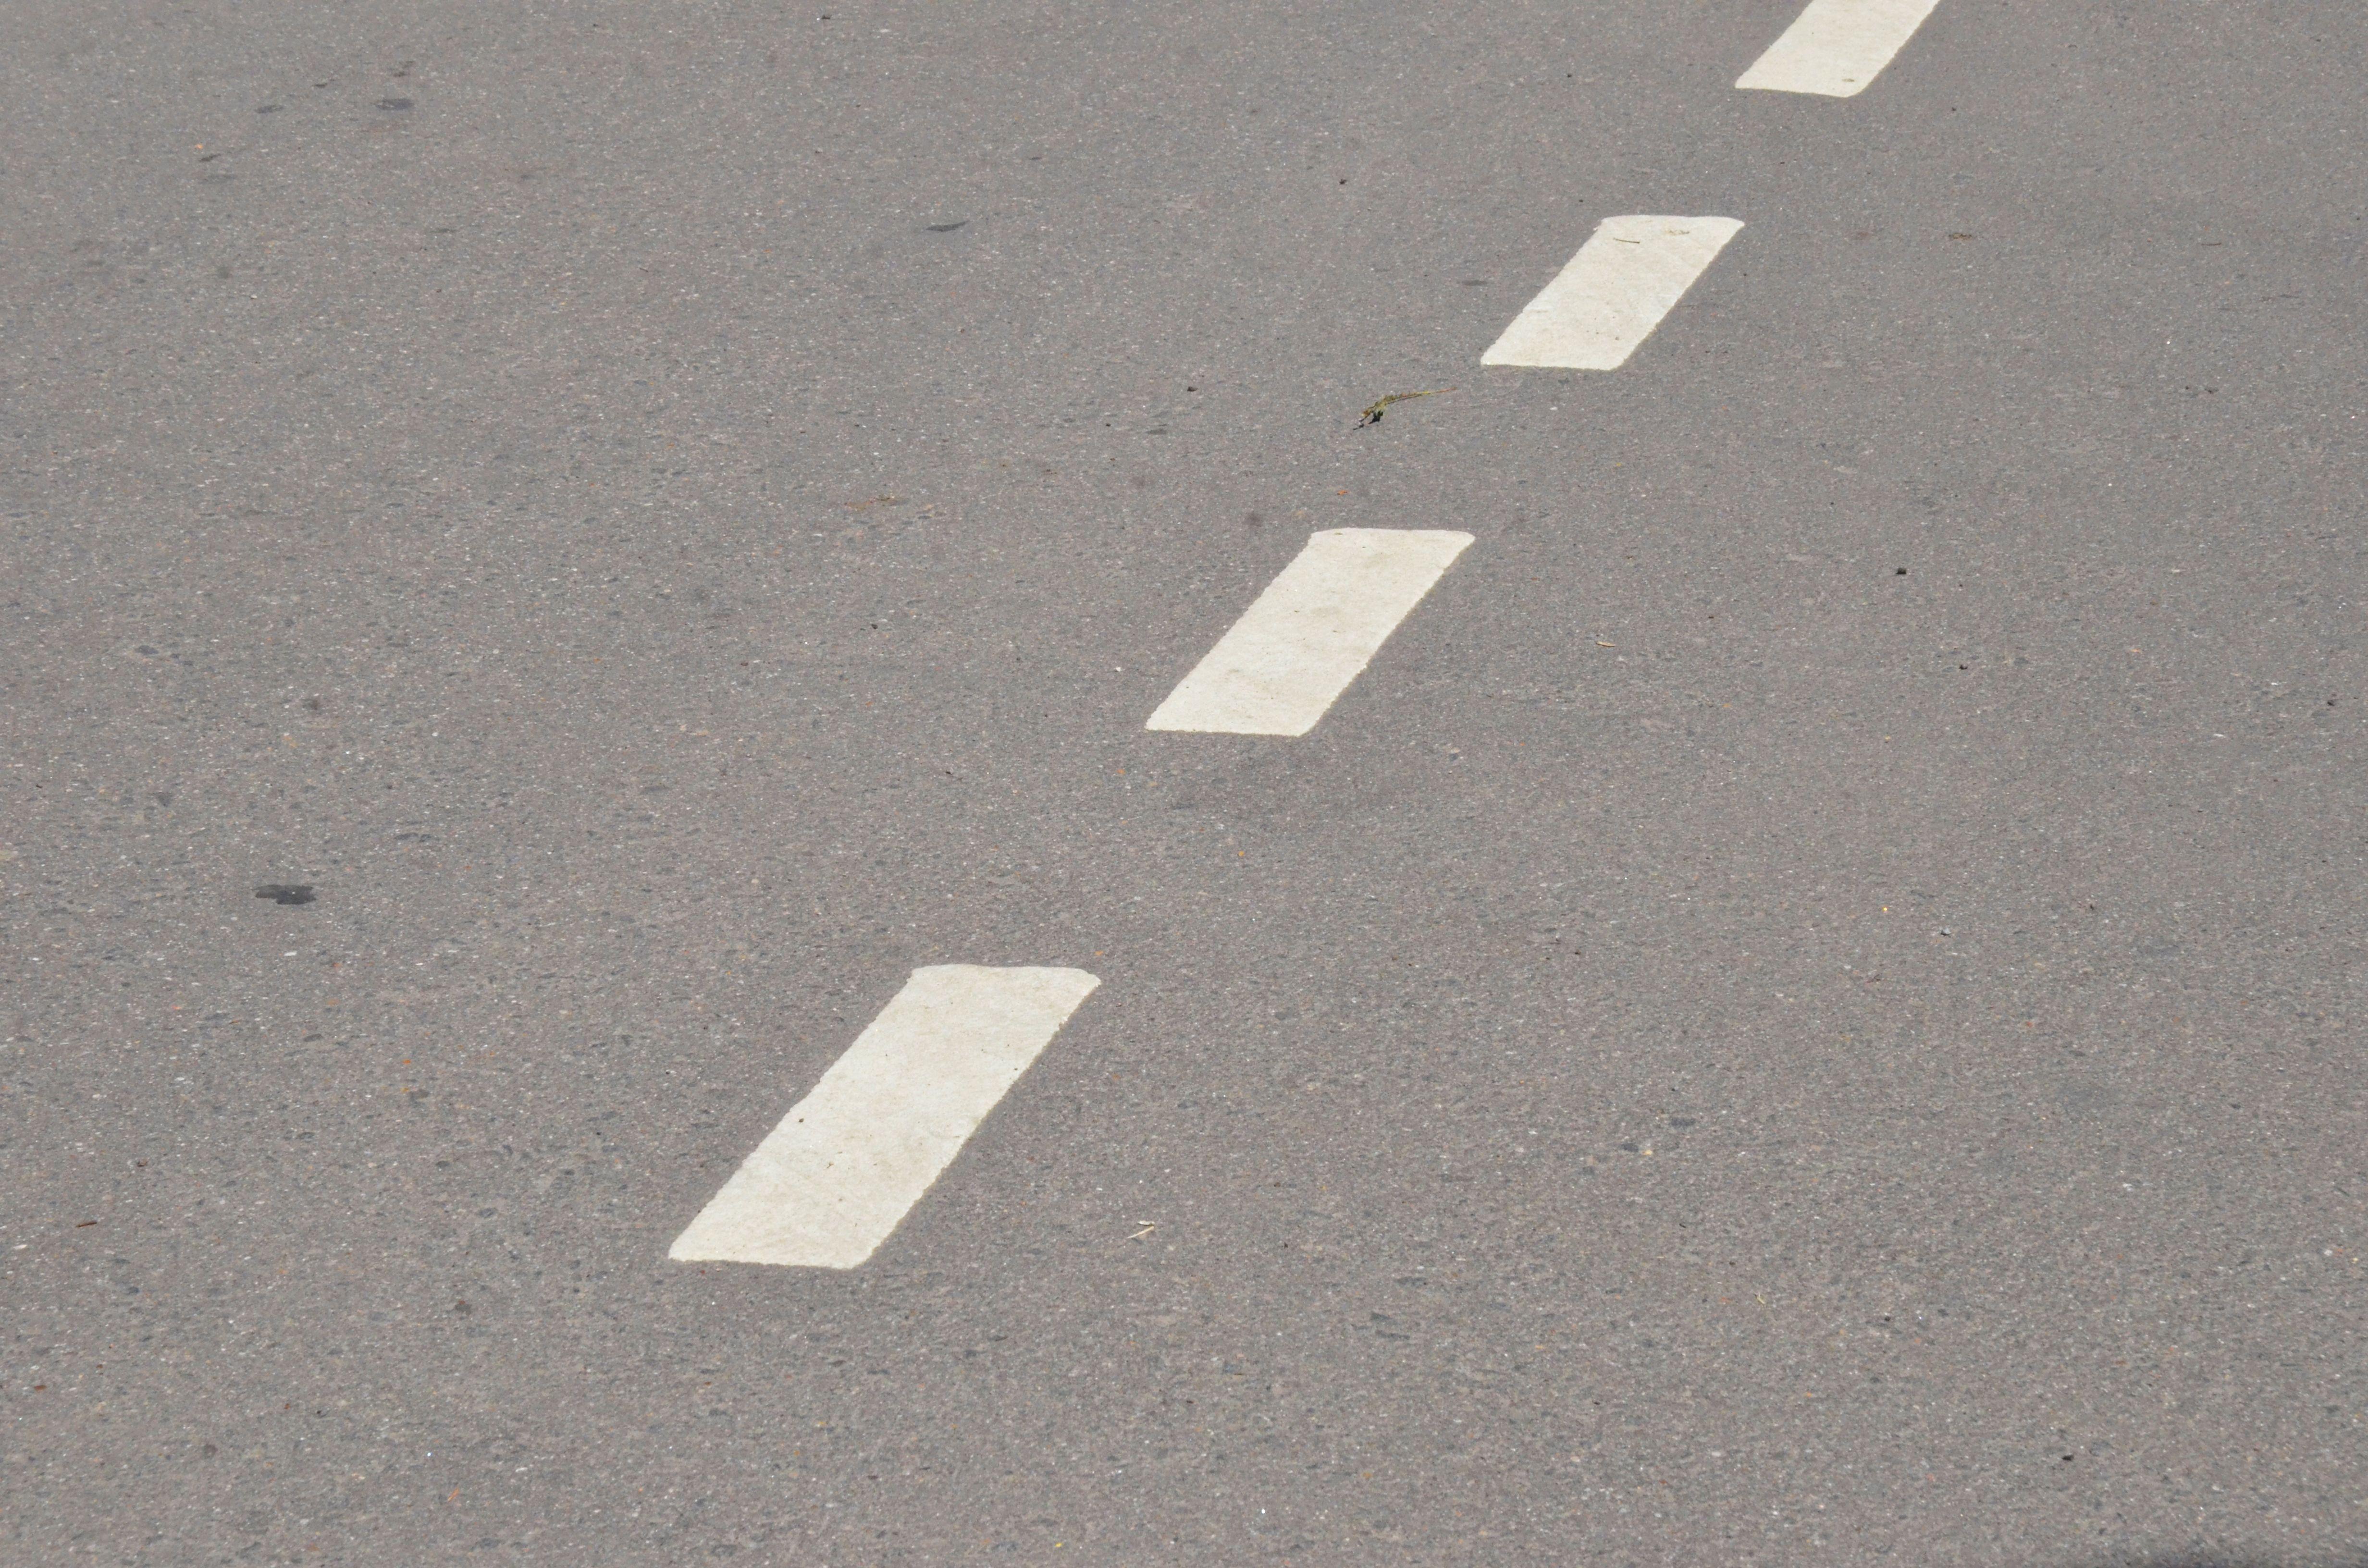 Участок дороги в поселке Курилово отремонтируют